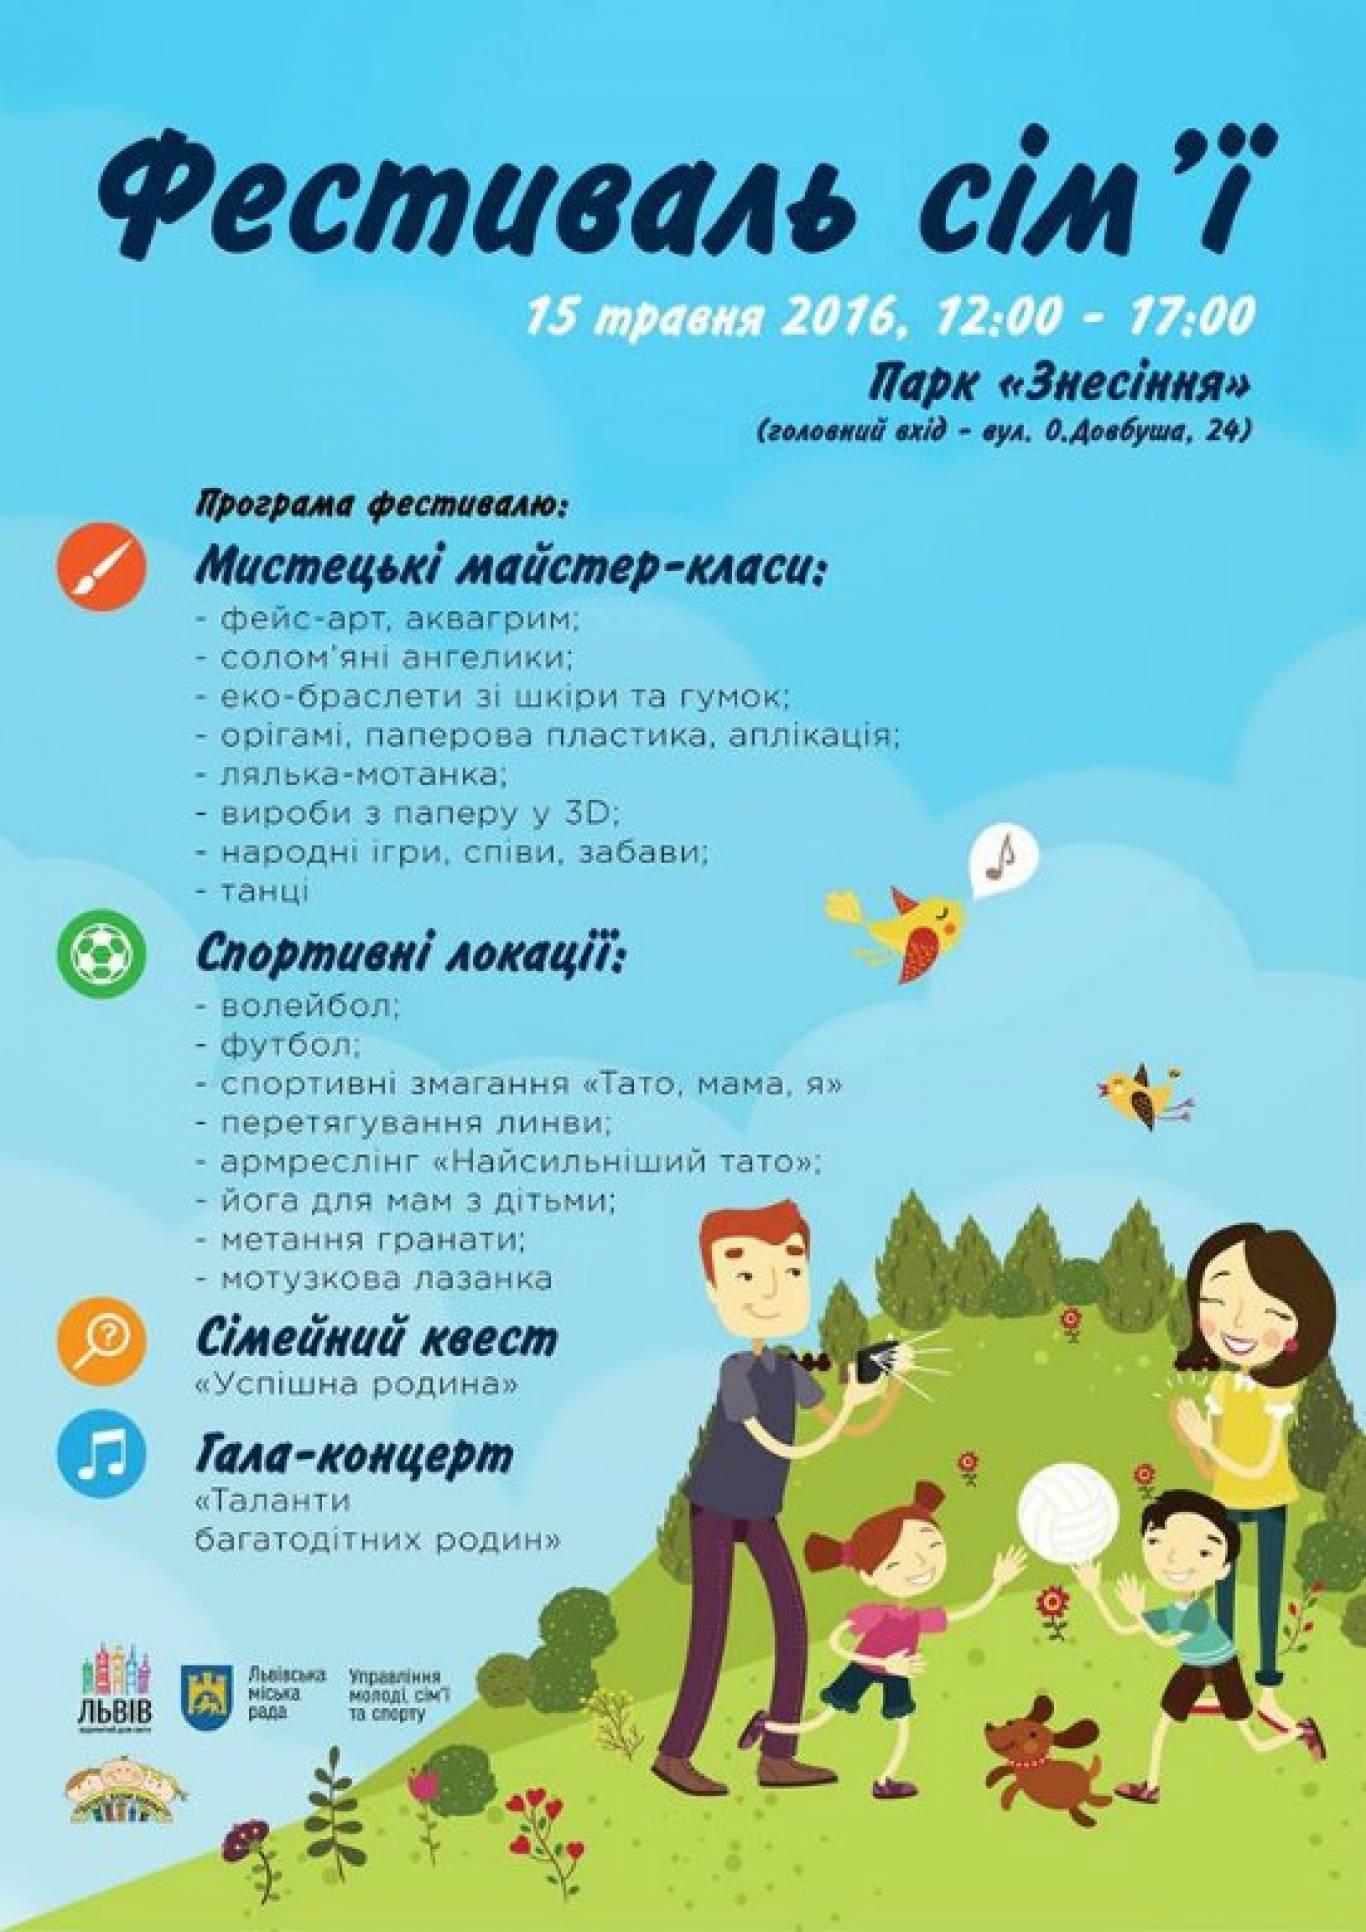 Фестиваль сім'ї у Львові